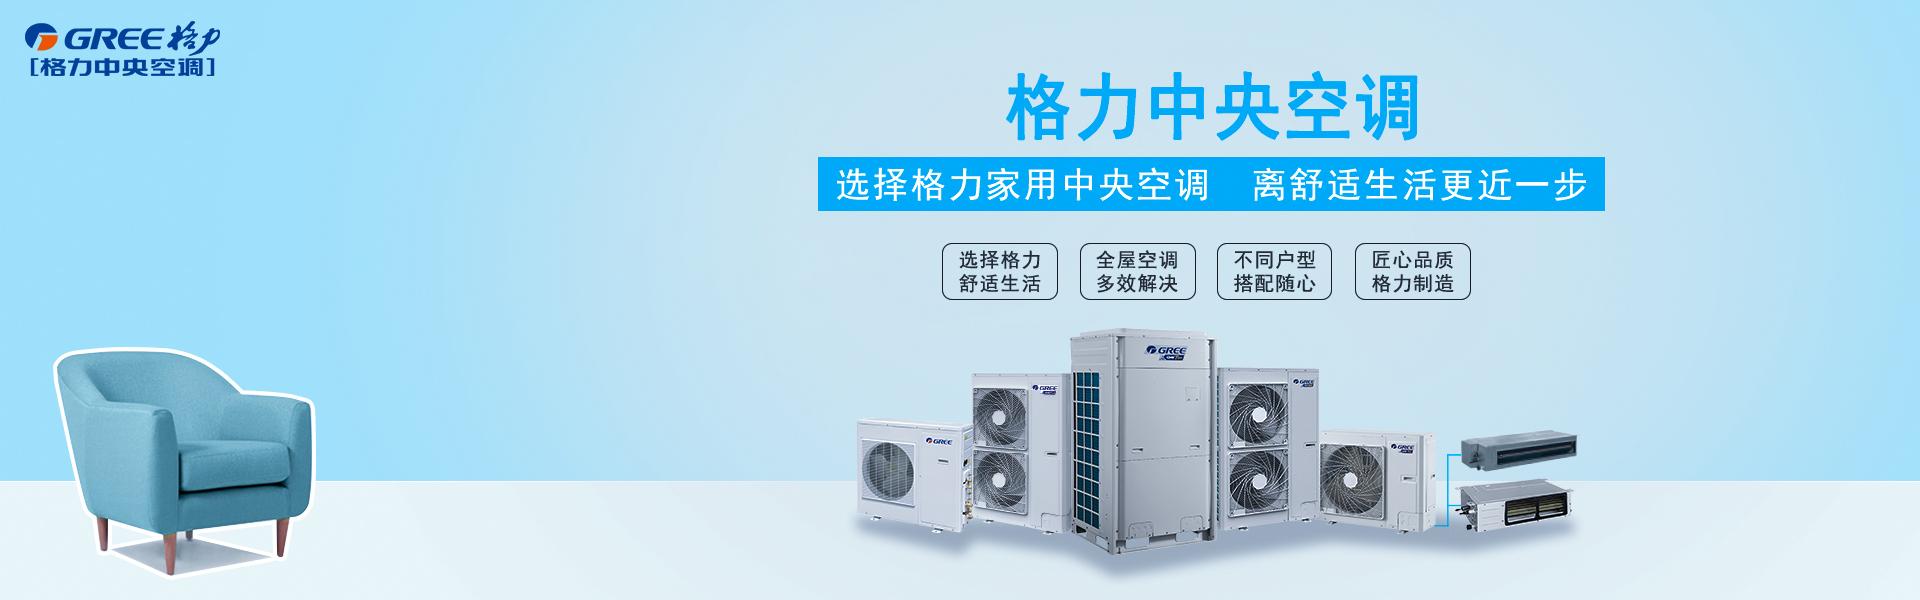 安裝格力中央空調